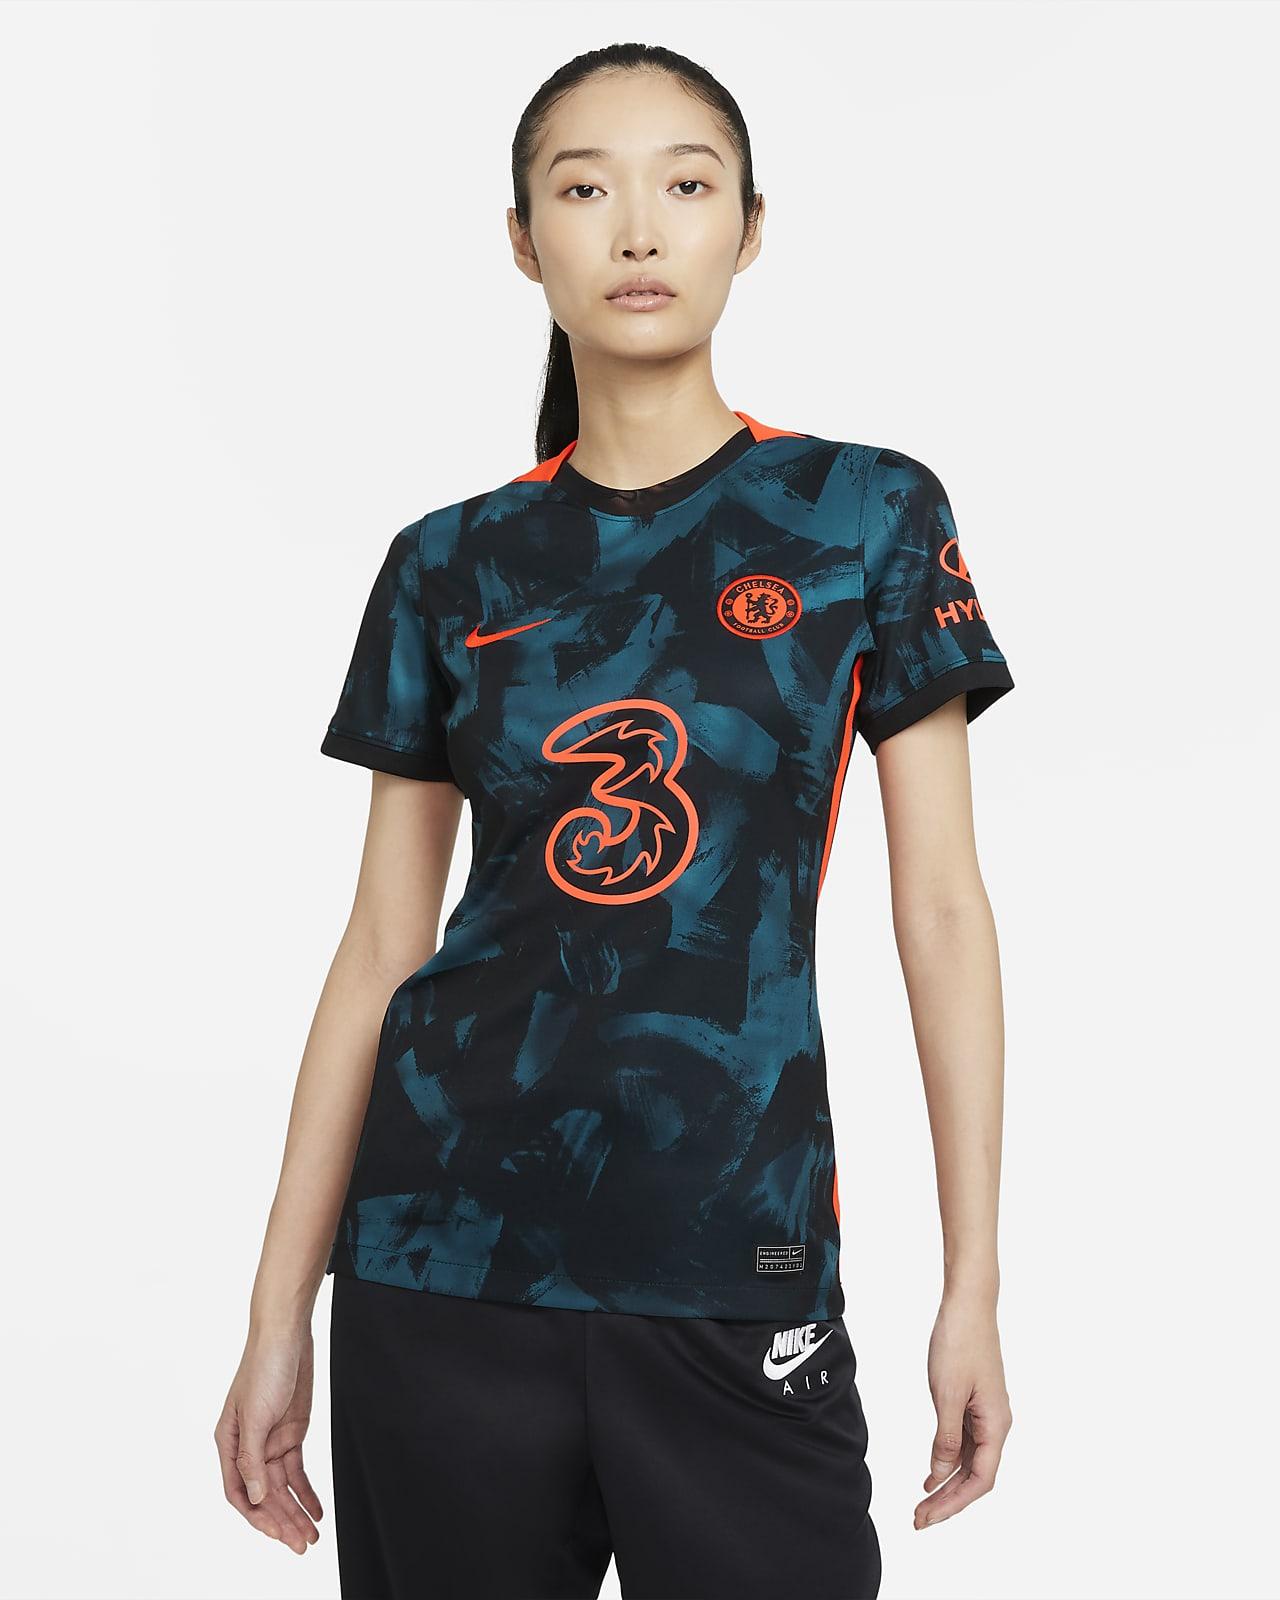 Chelsea F.C. 2021/22 Stadium Third Women's Nike Dri-FIT Football Shirt